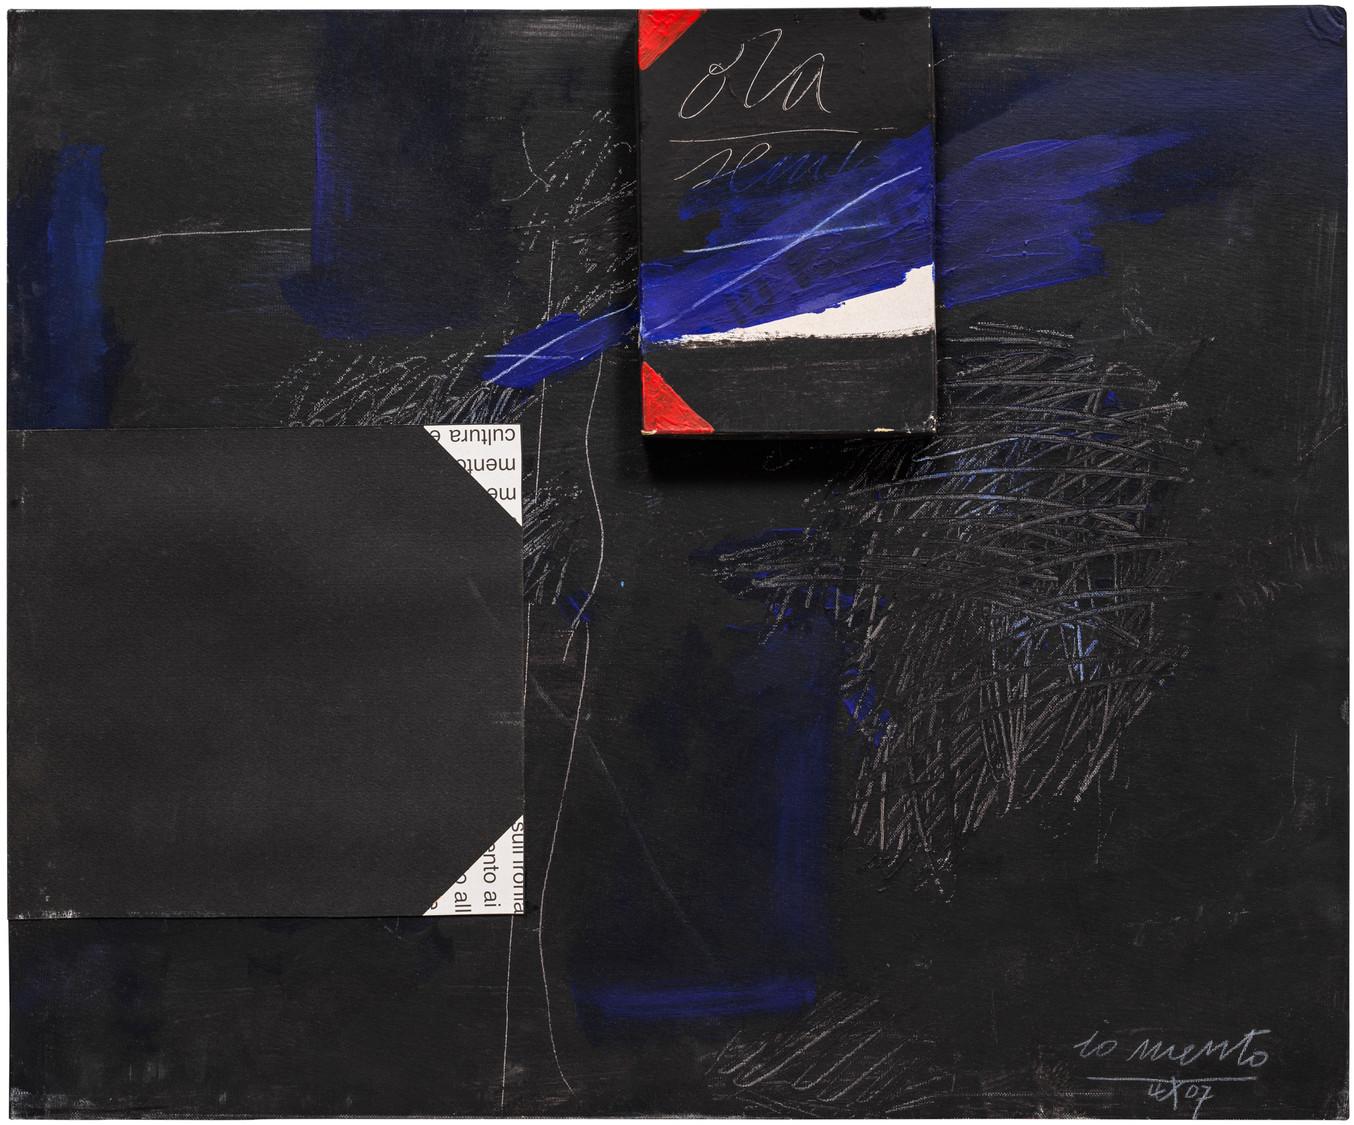 io mento (4) - 2007